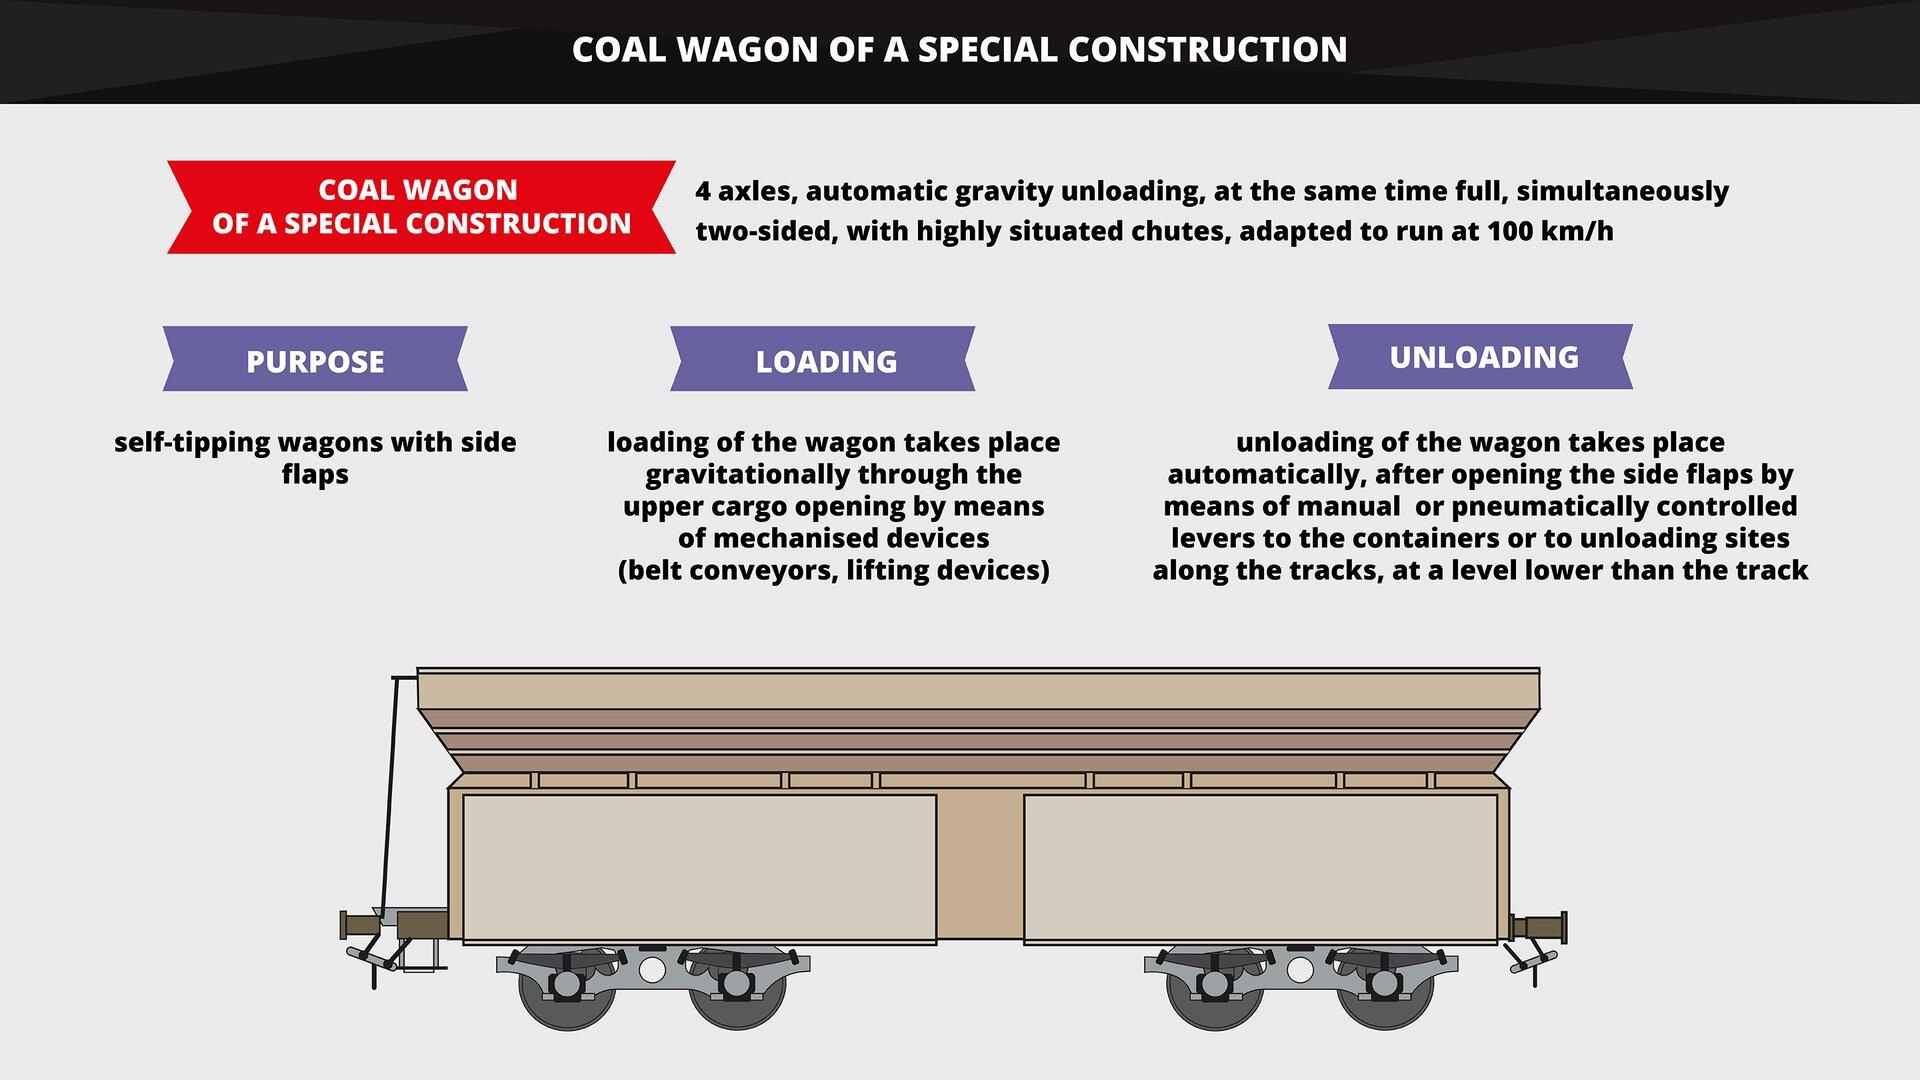 The graphics shows acoal wagon of aspecial construction that is designed for the transport of aggregates, coal and coking coal. Grafika przedstawia wagon węglarkę specjalnej budowy przeznaczony do przewozu kruszyw, węgla ikoksu.